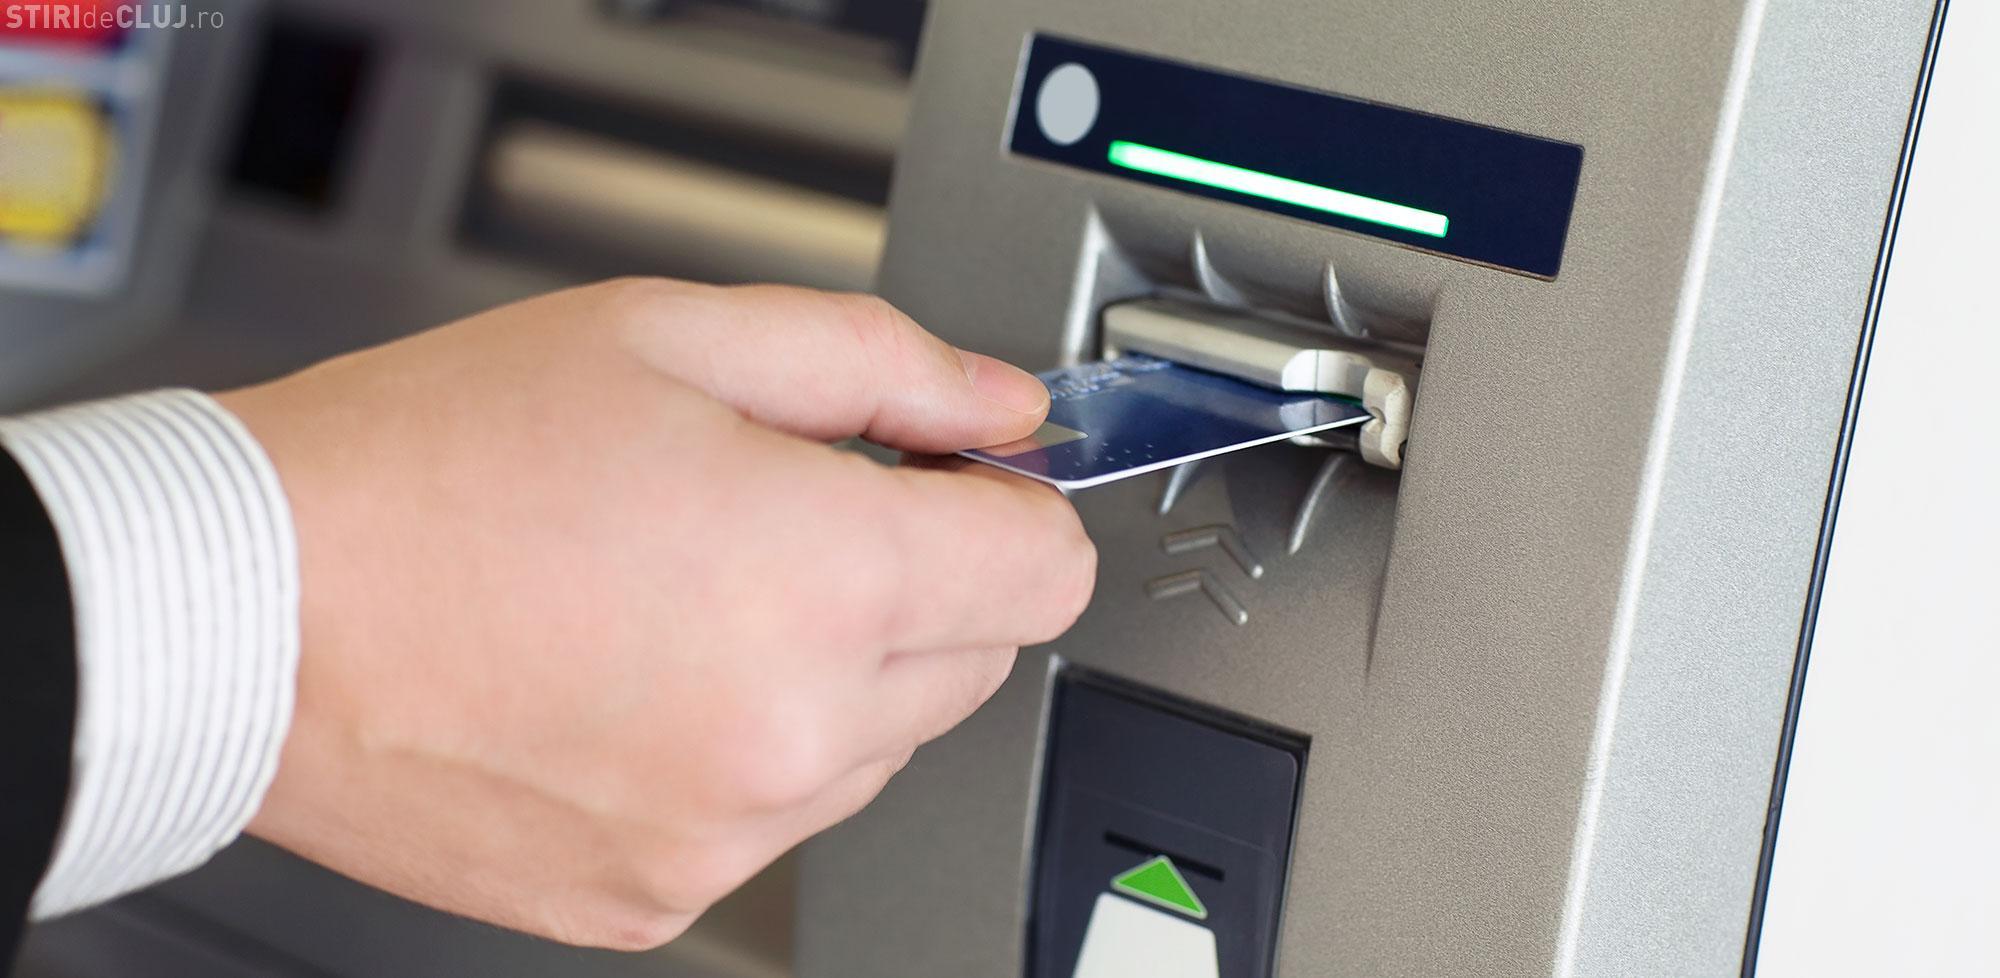 Nesimțirea nu are vârstă! Ce a făcut un clujean de aproape 70 de ani când a găsit bani într-un bancomat